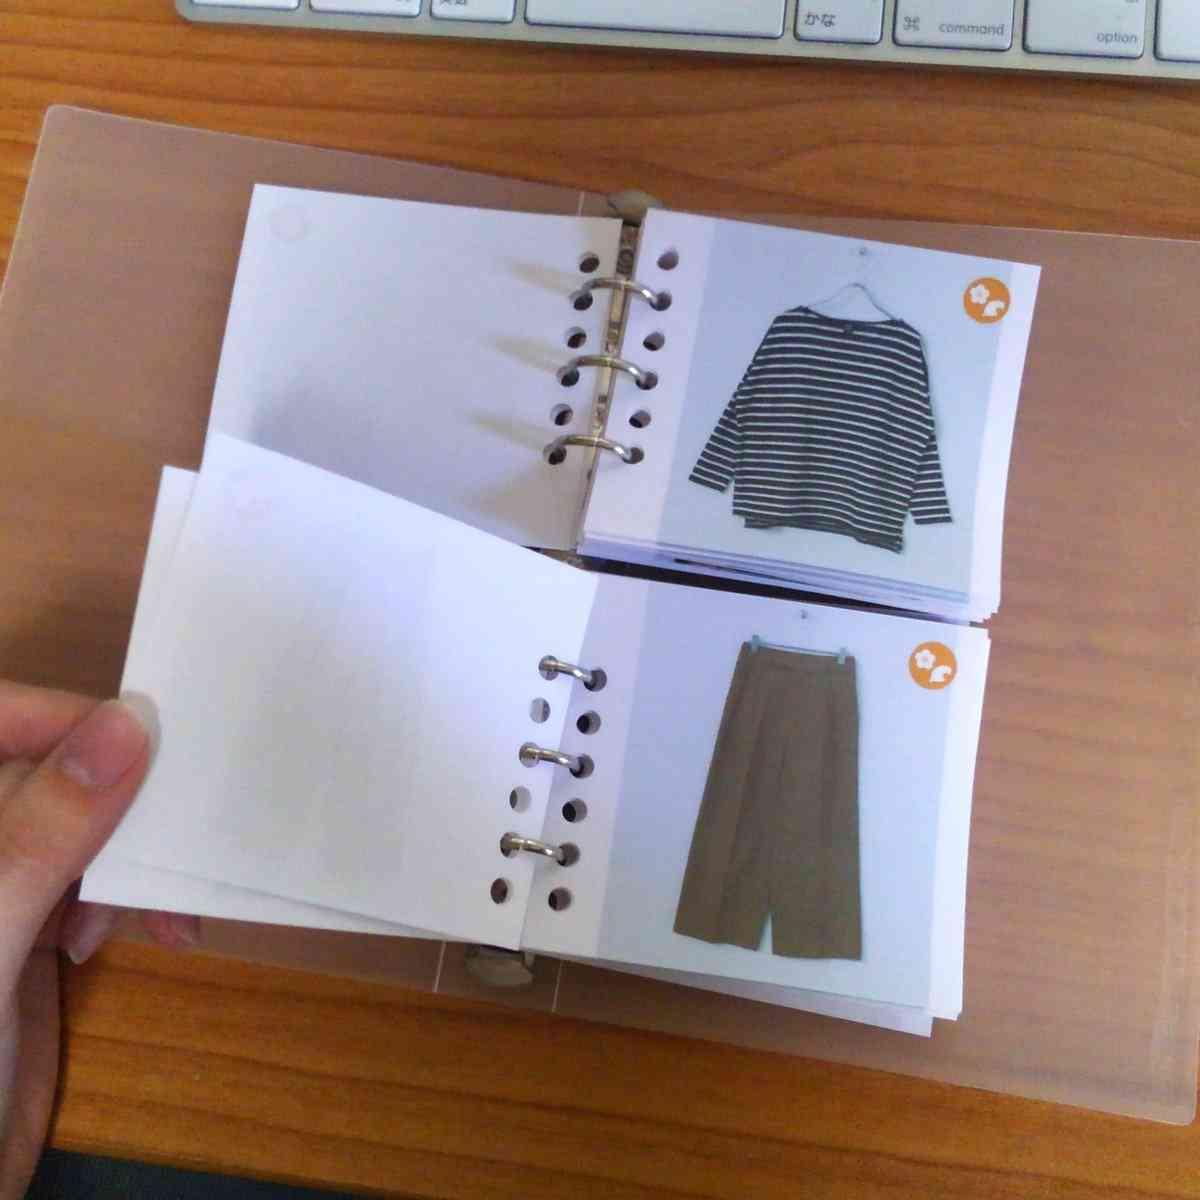 自分が持っている洋服を把握して整理できるアイデア「洋服カード」が話題